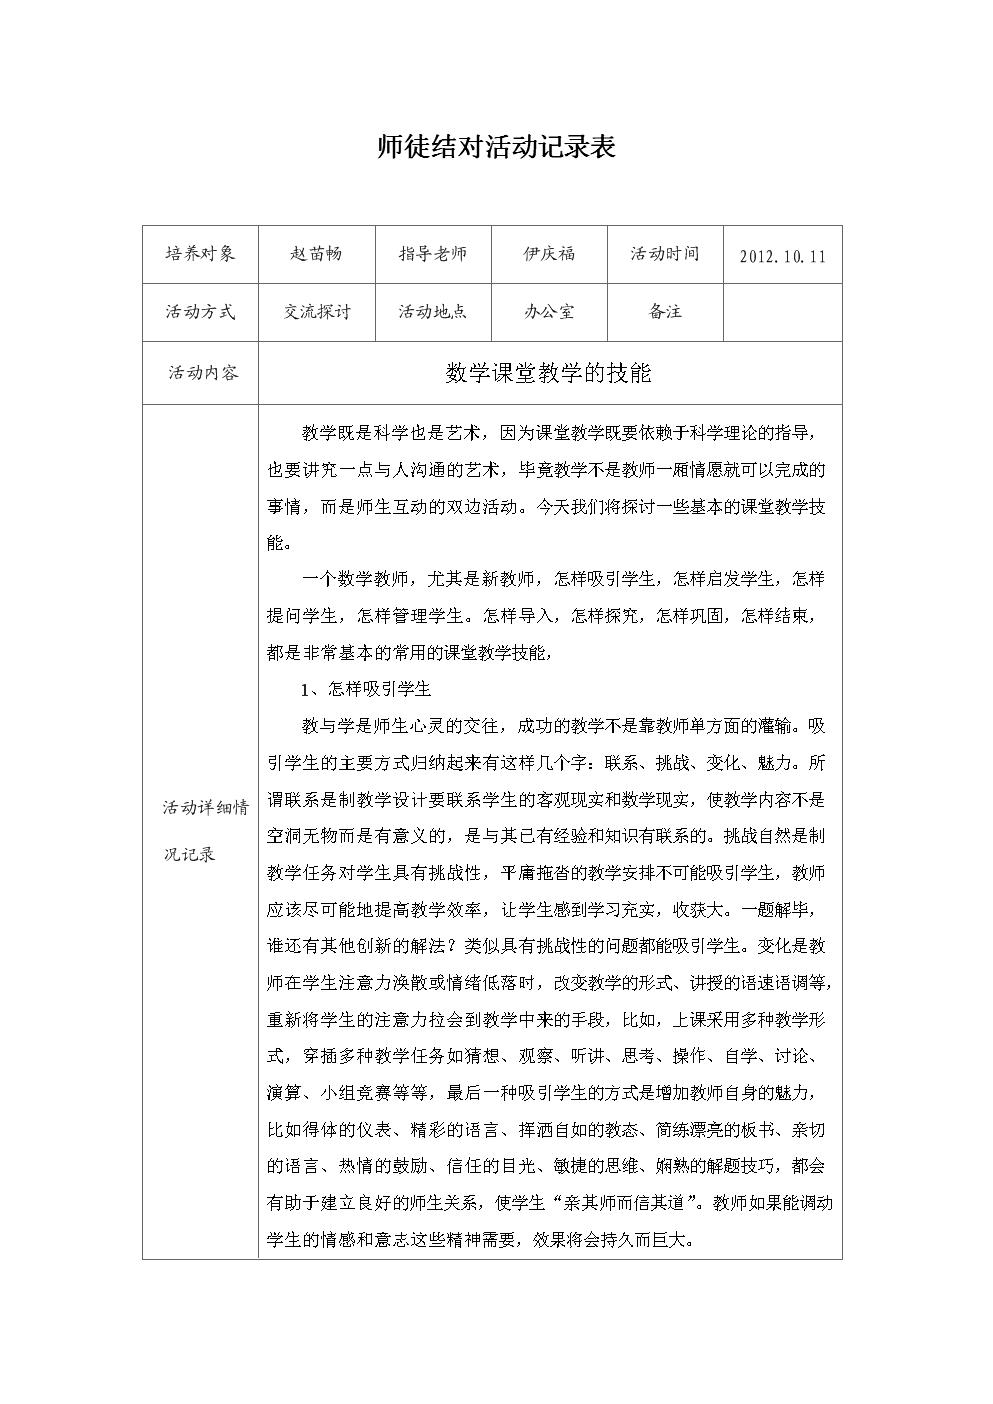 师徒结对活动记录表1伊、赵分析报告.doc